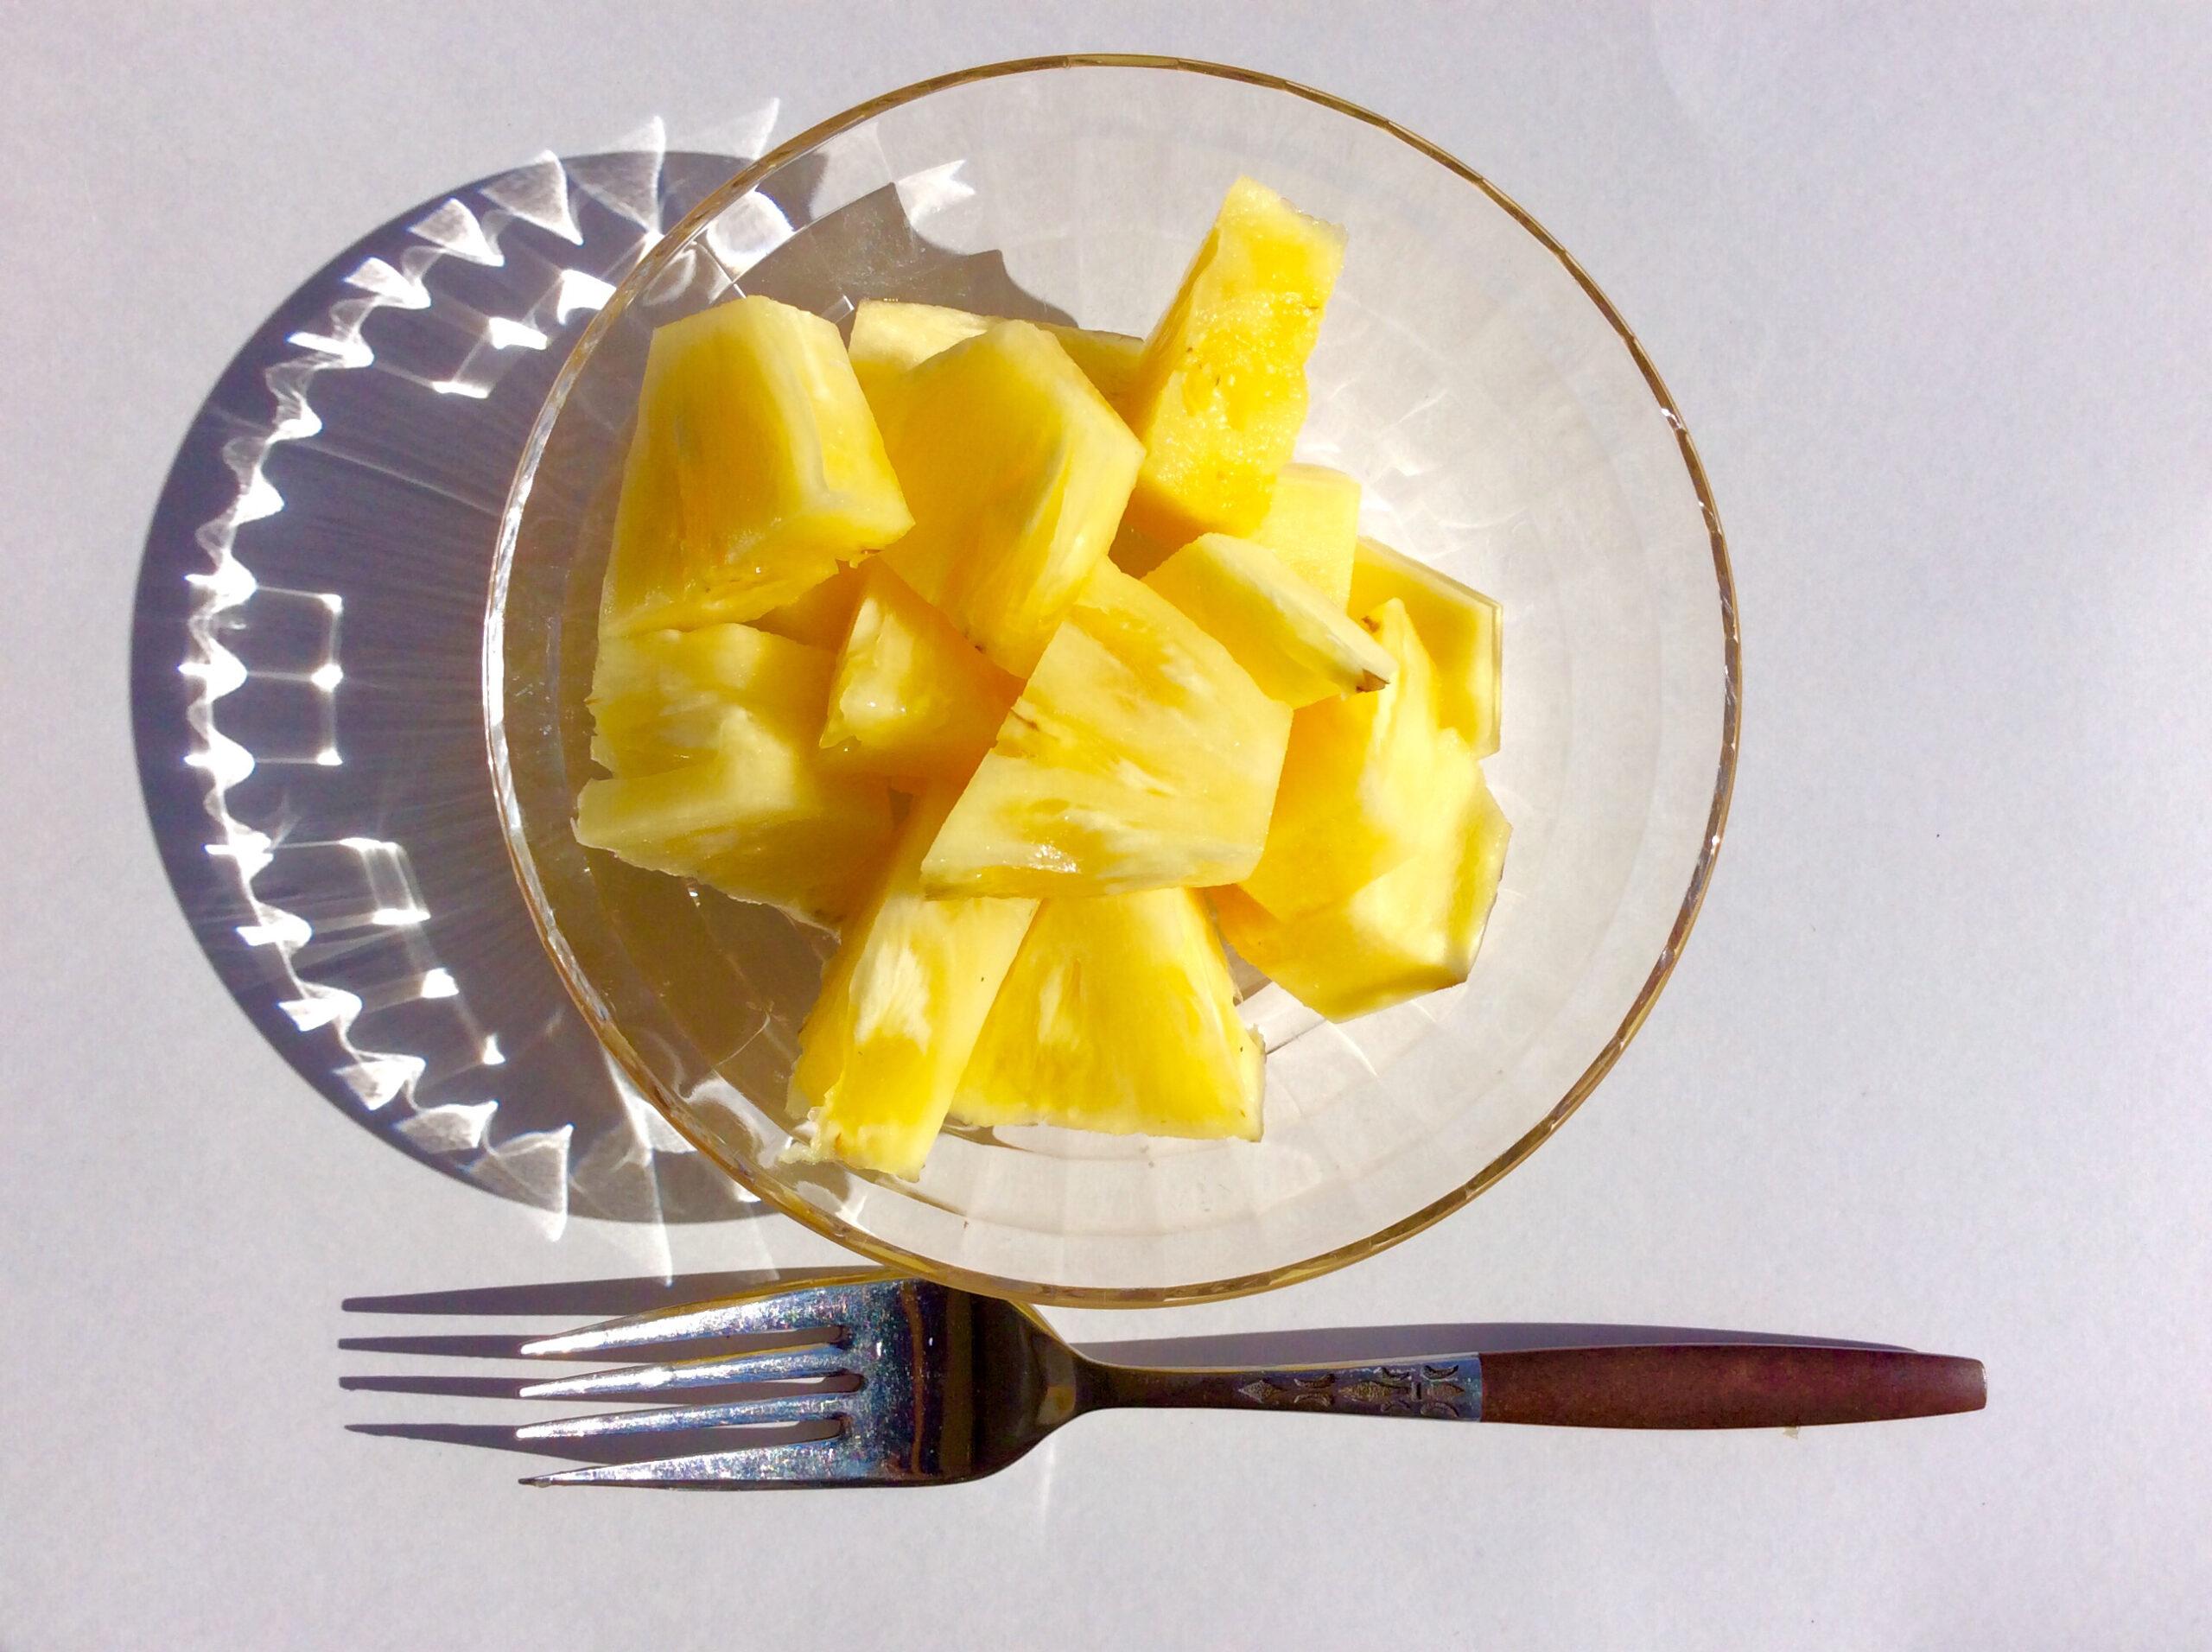 残り10分:デザートの果物を準備する